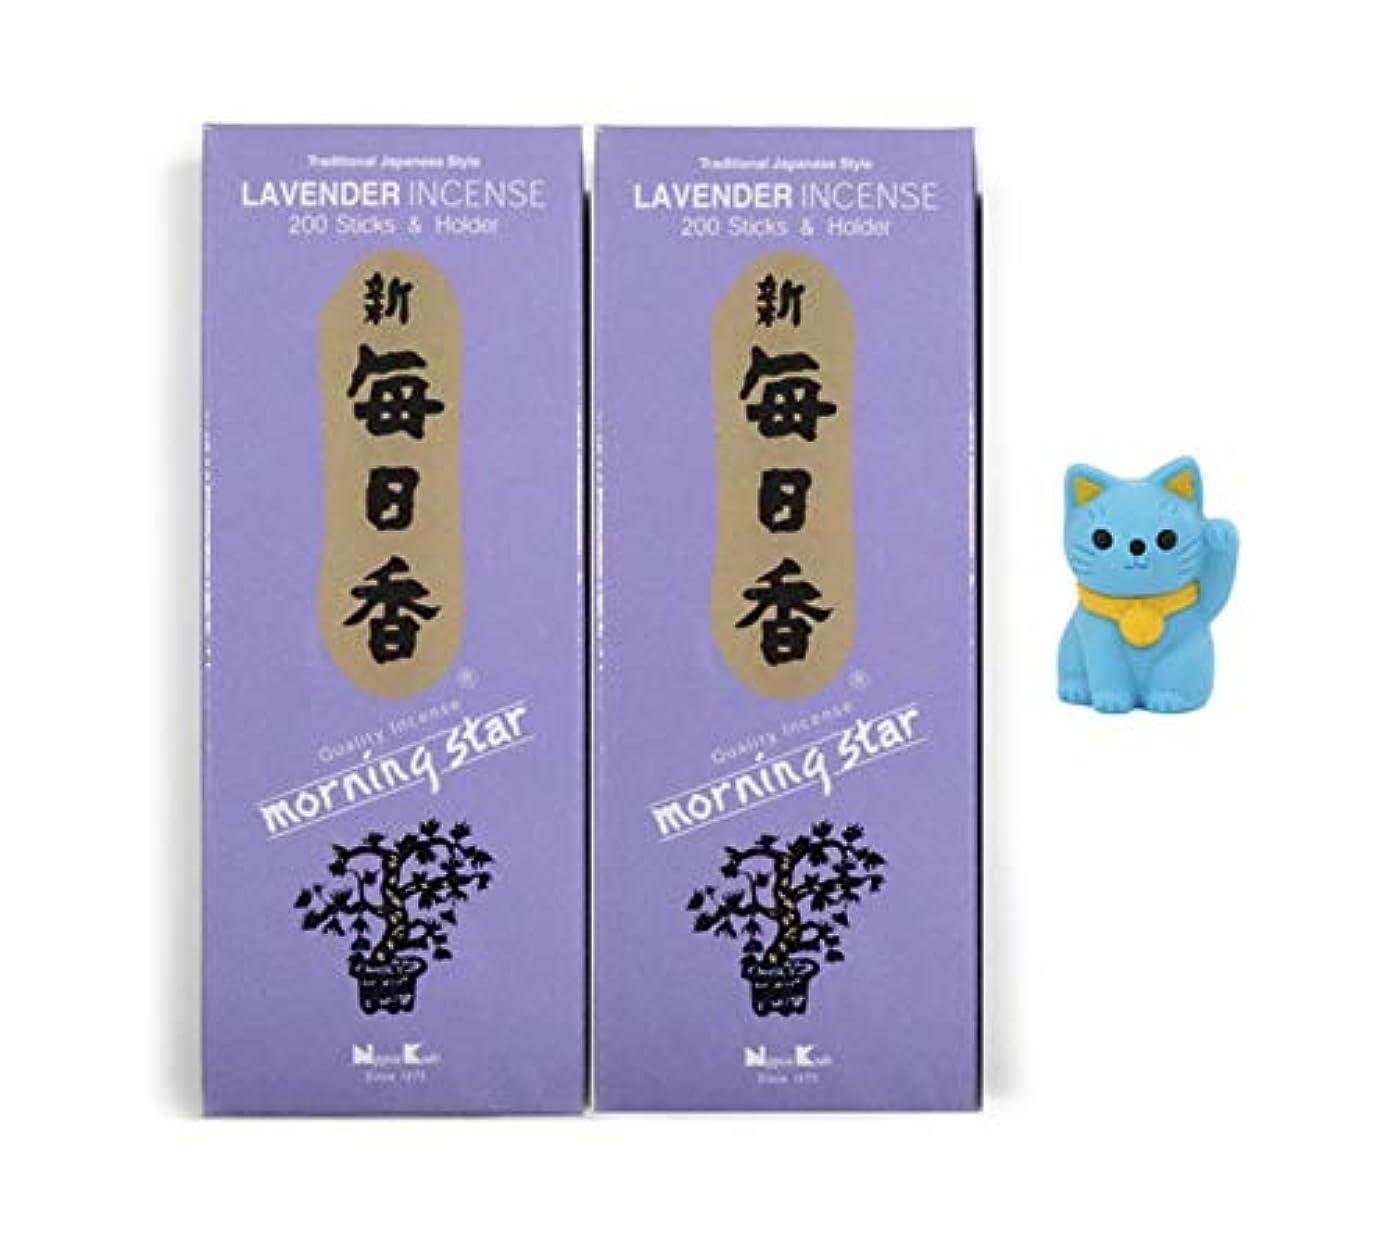 日本香堂 モーニングスター香 ピュアフローラルエッセンスとアロマティックウッド パープル